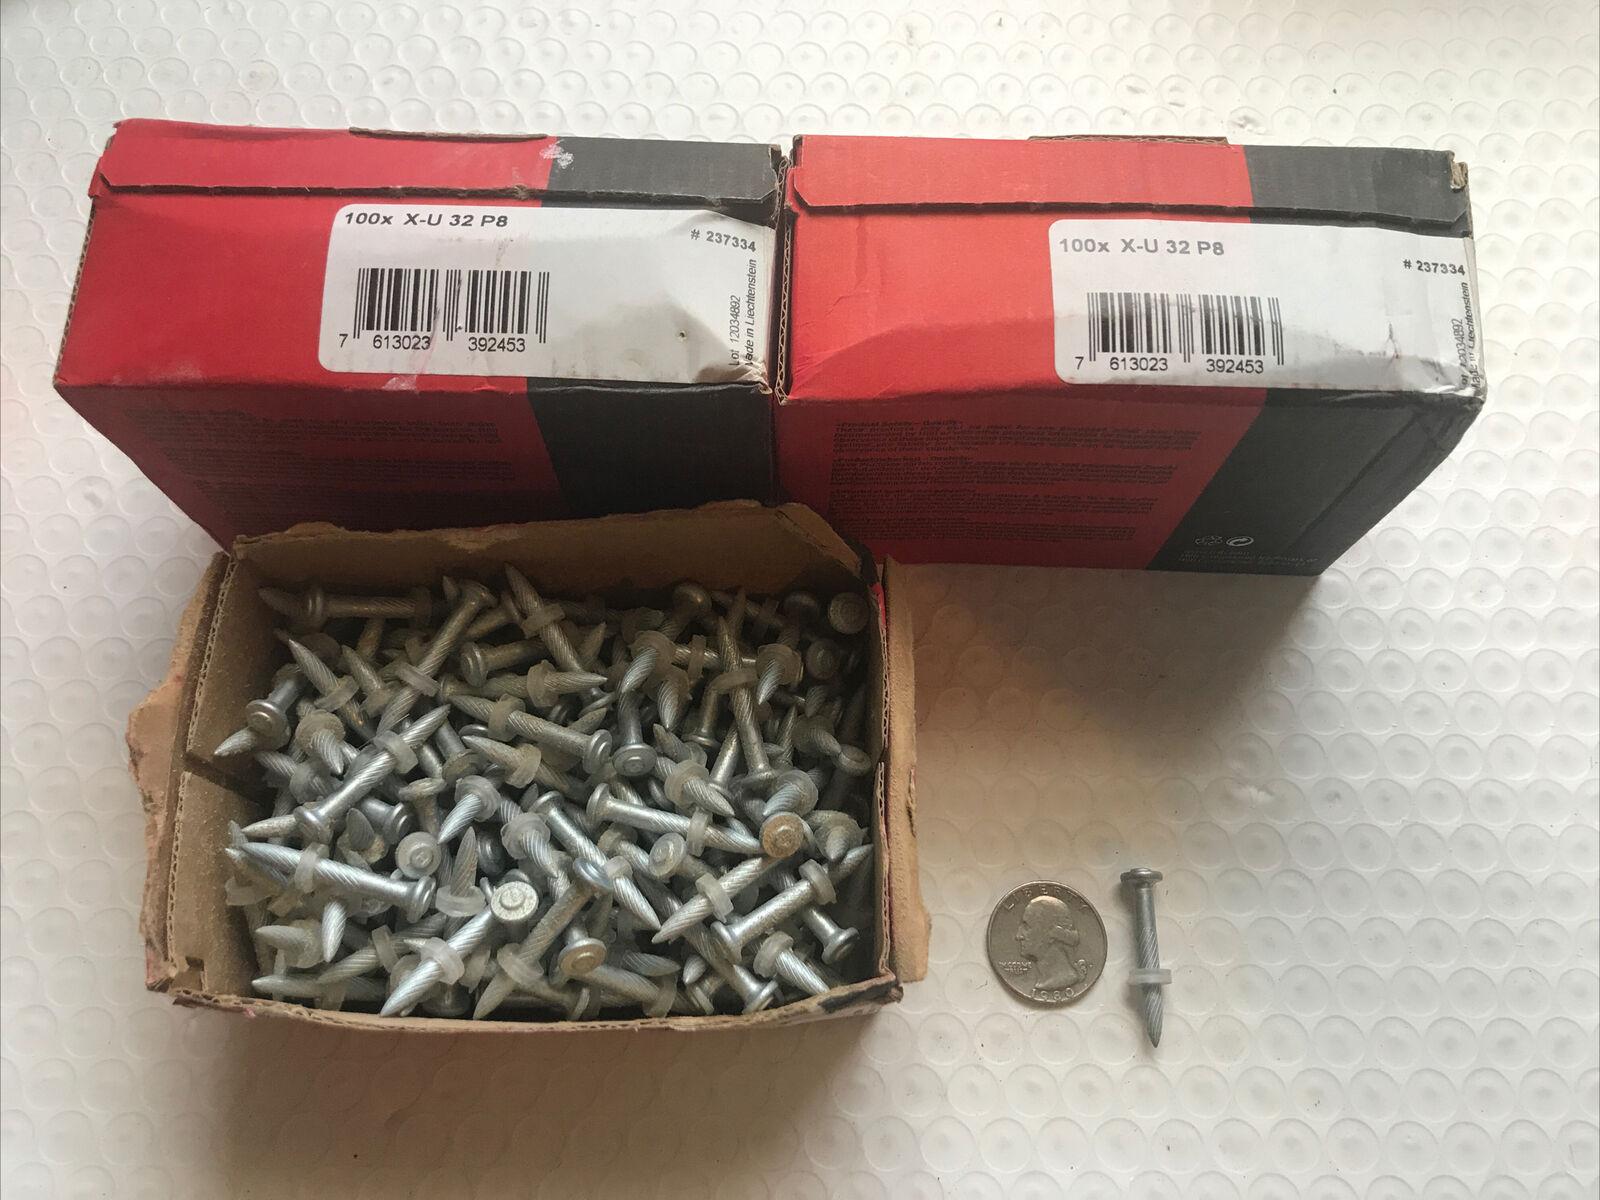 """*NOB* 1-1//4/"""" Hilti Premium Fastener #237334 X-U 32 P8 100 PC LOT OF 3 BOXES"""